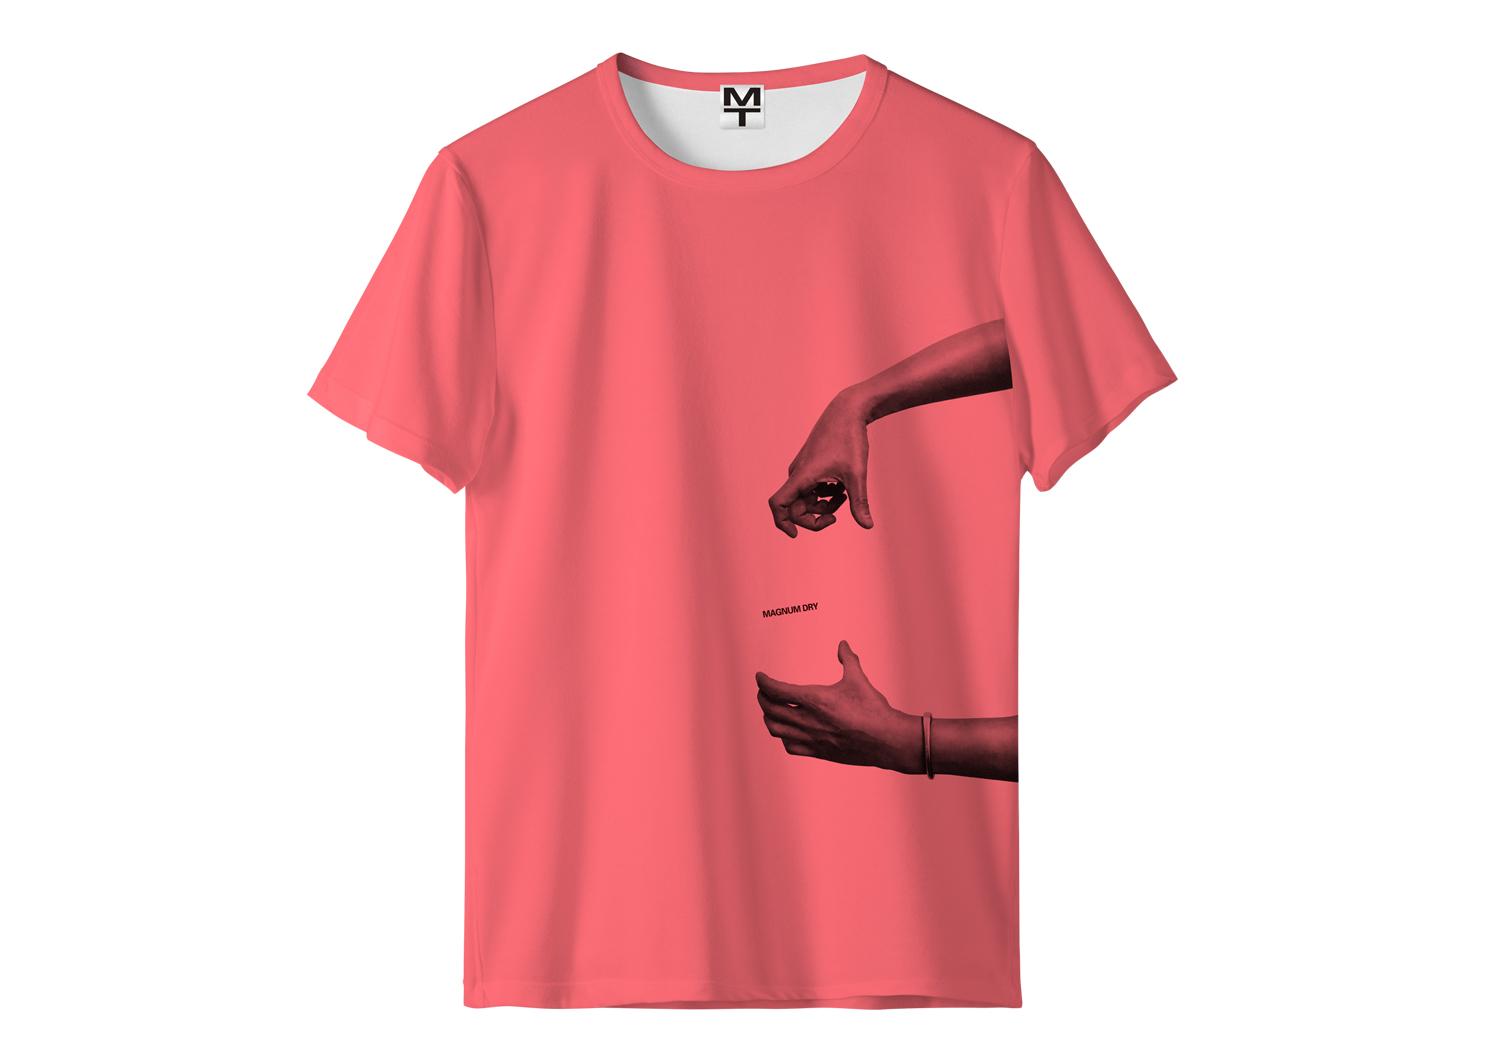 Suntory MAGNUMDRY T-shirt